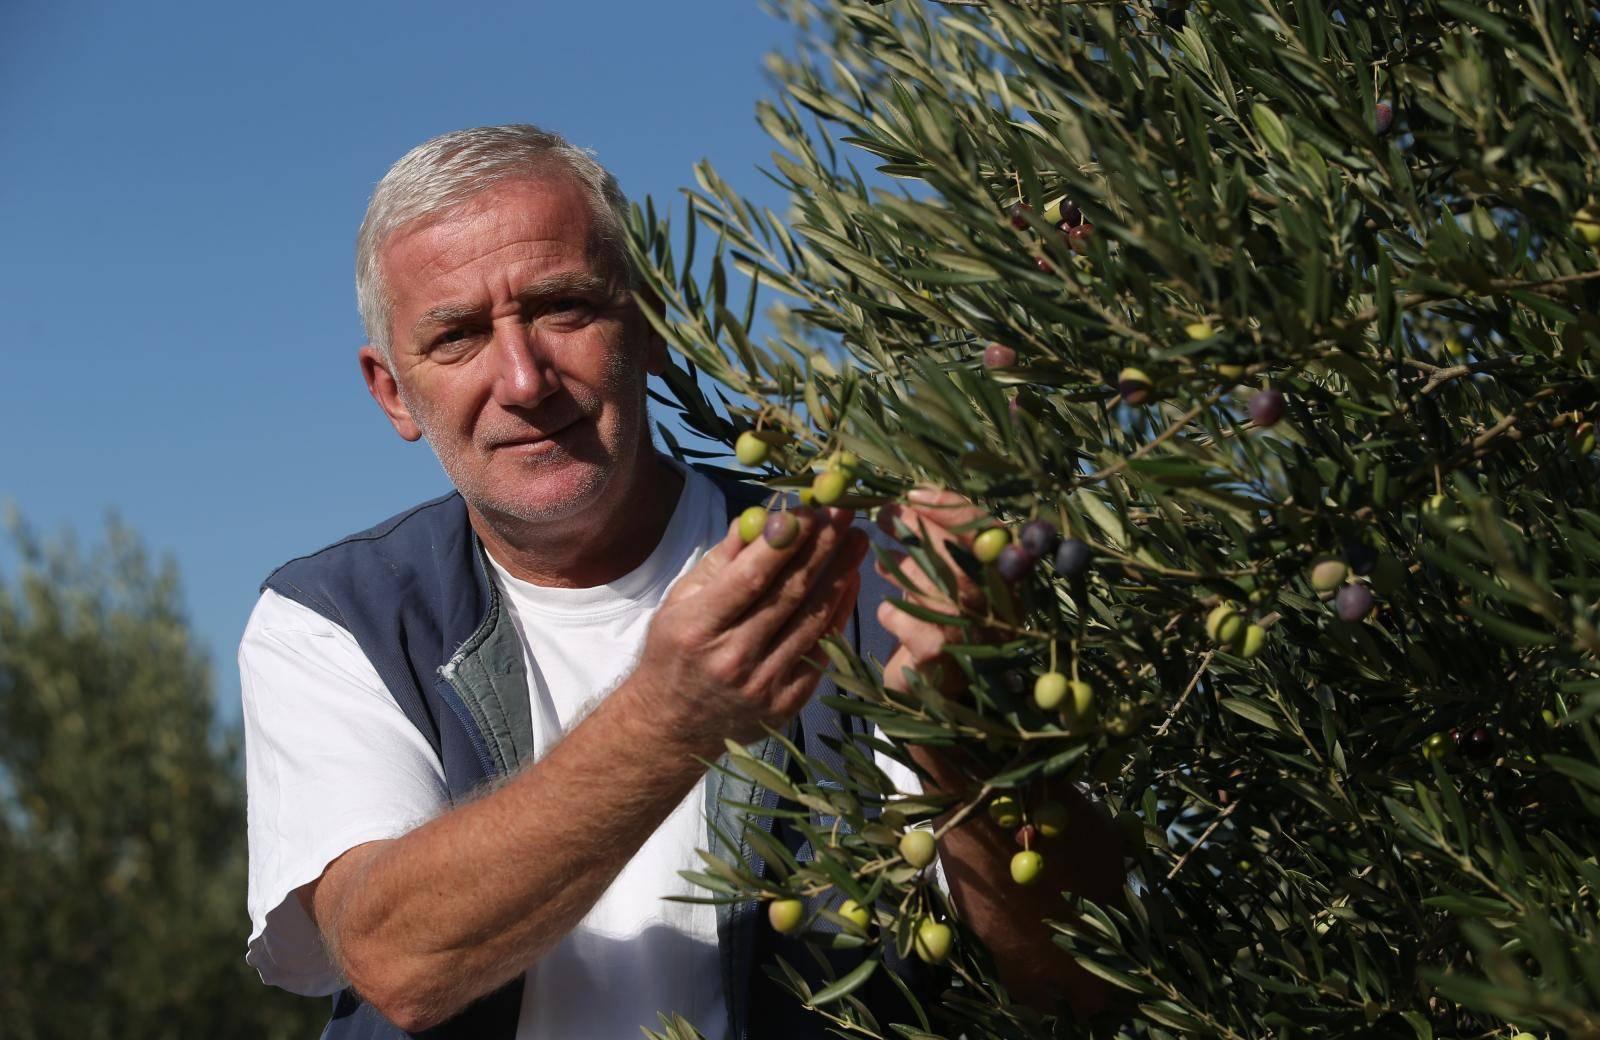 Ako se ulje ne isplati, zaradu će donijeti i plod te list masline